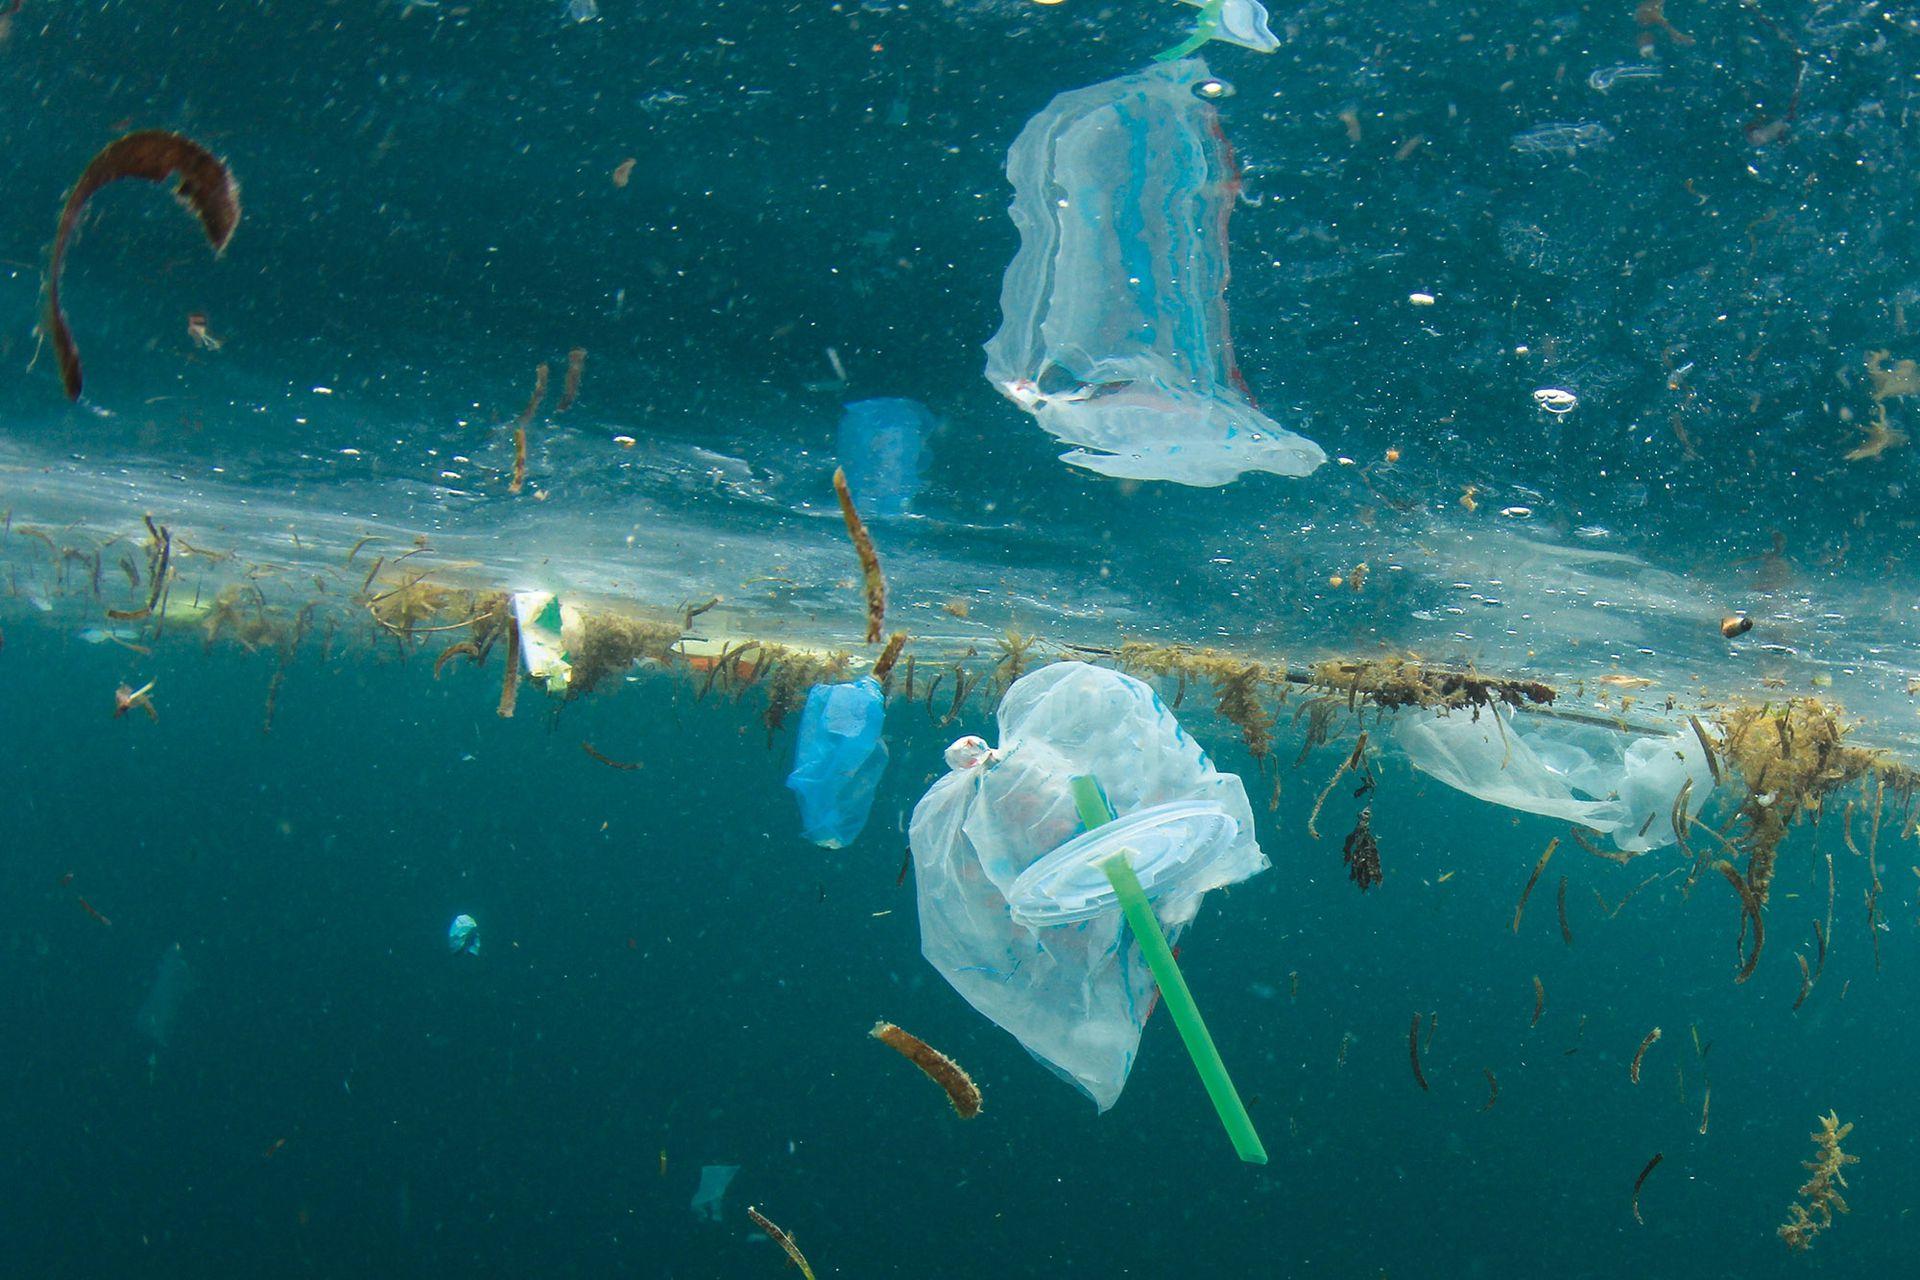 Se estima que para 2050 vamos a tener más plásticos que peces en el mar